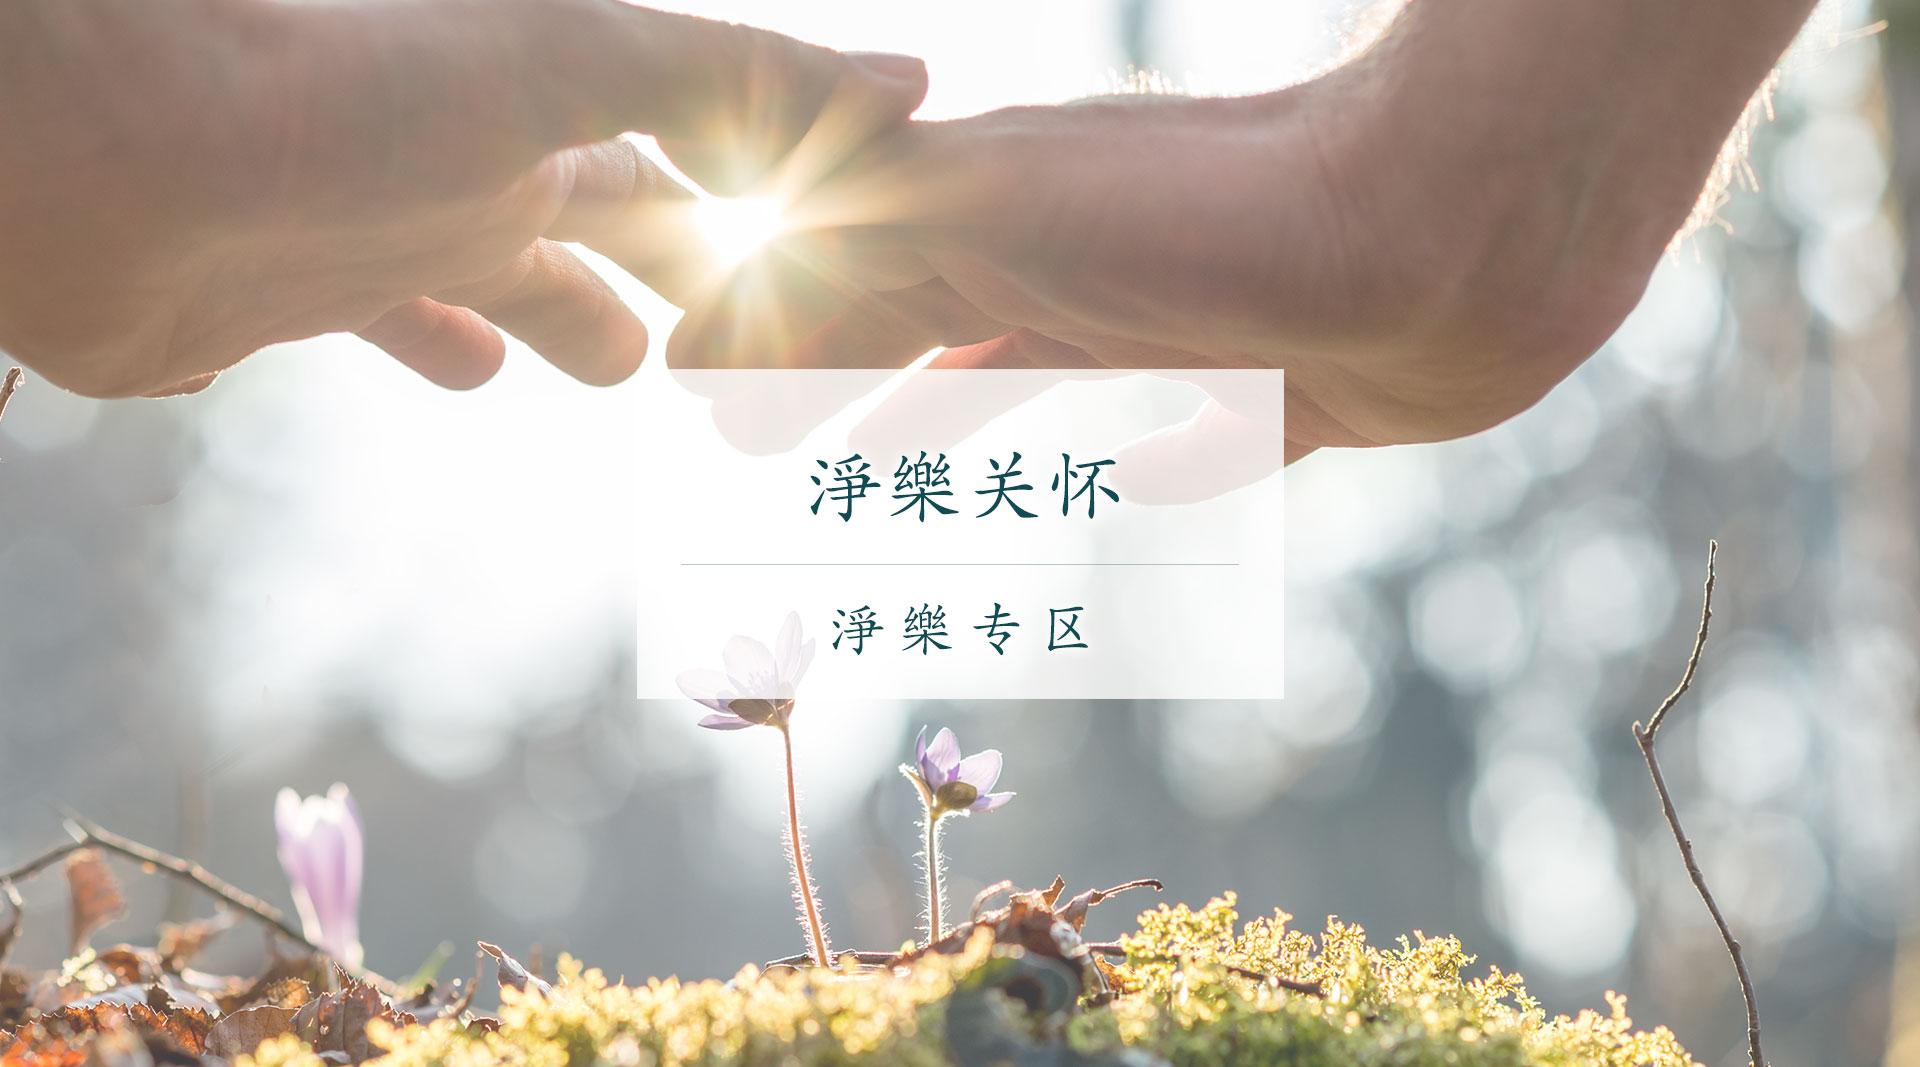 淨樂关怀-home-pic